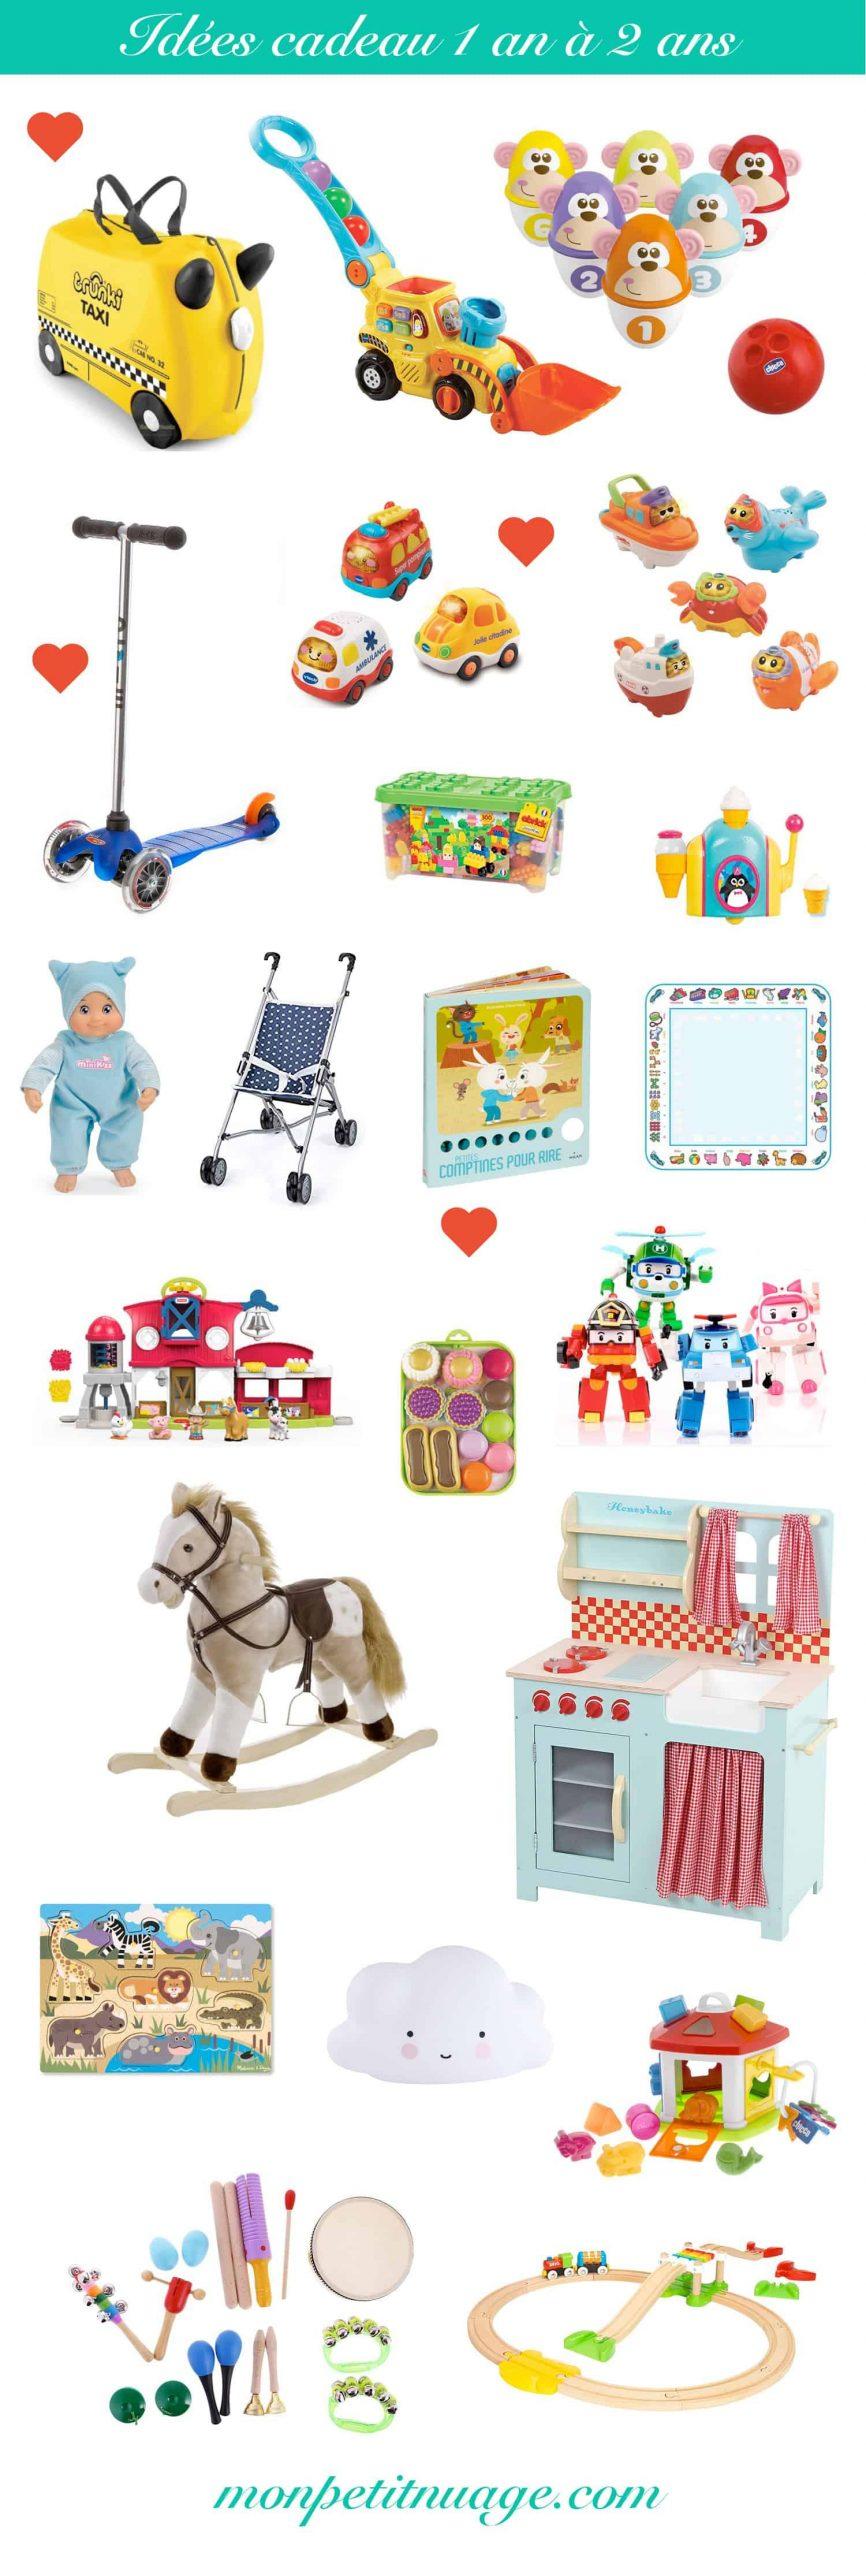 Idées Cadeaux Bébé & Enfant : 6 Mois, 1 An, 2 Ans, 3 Ans pour Jeux Pour Bébé 2 Ans